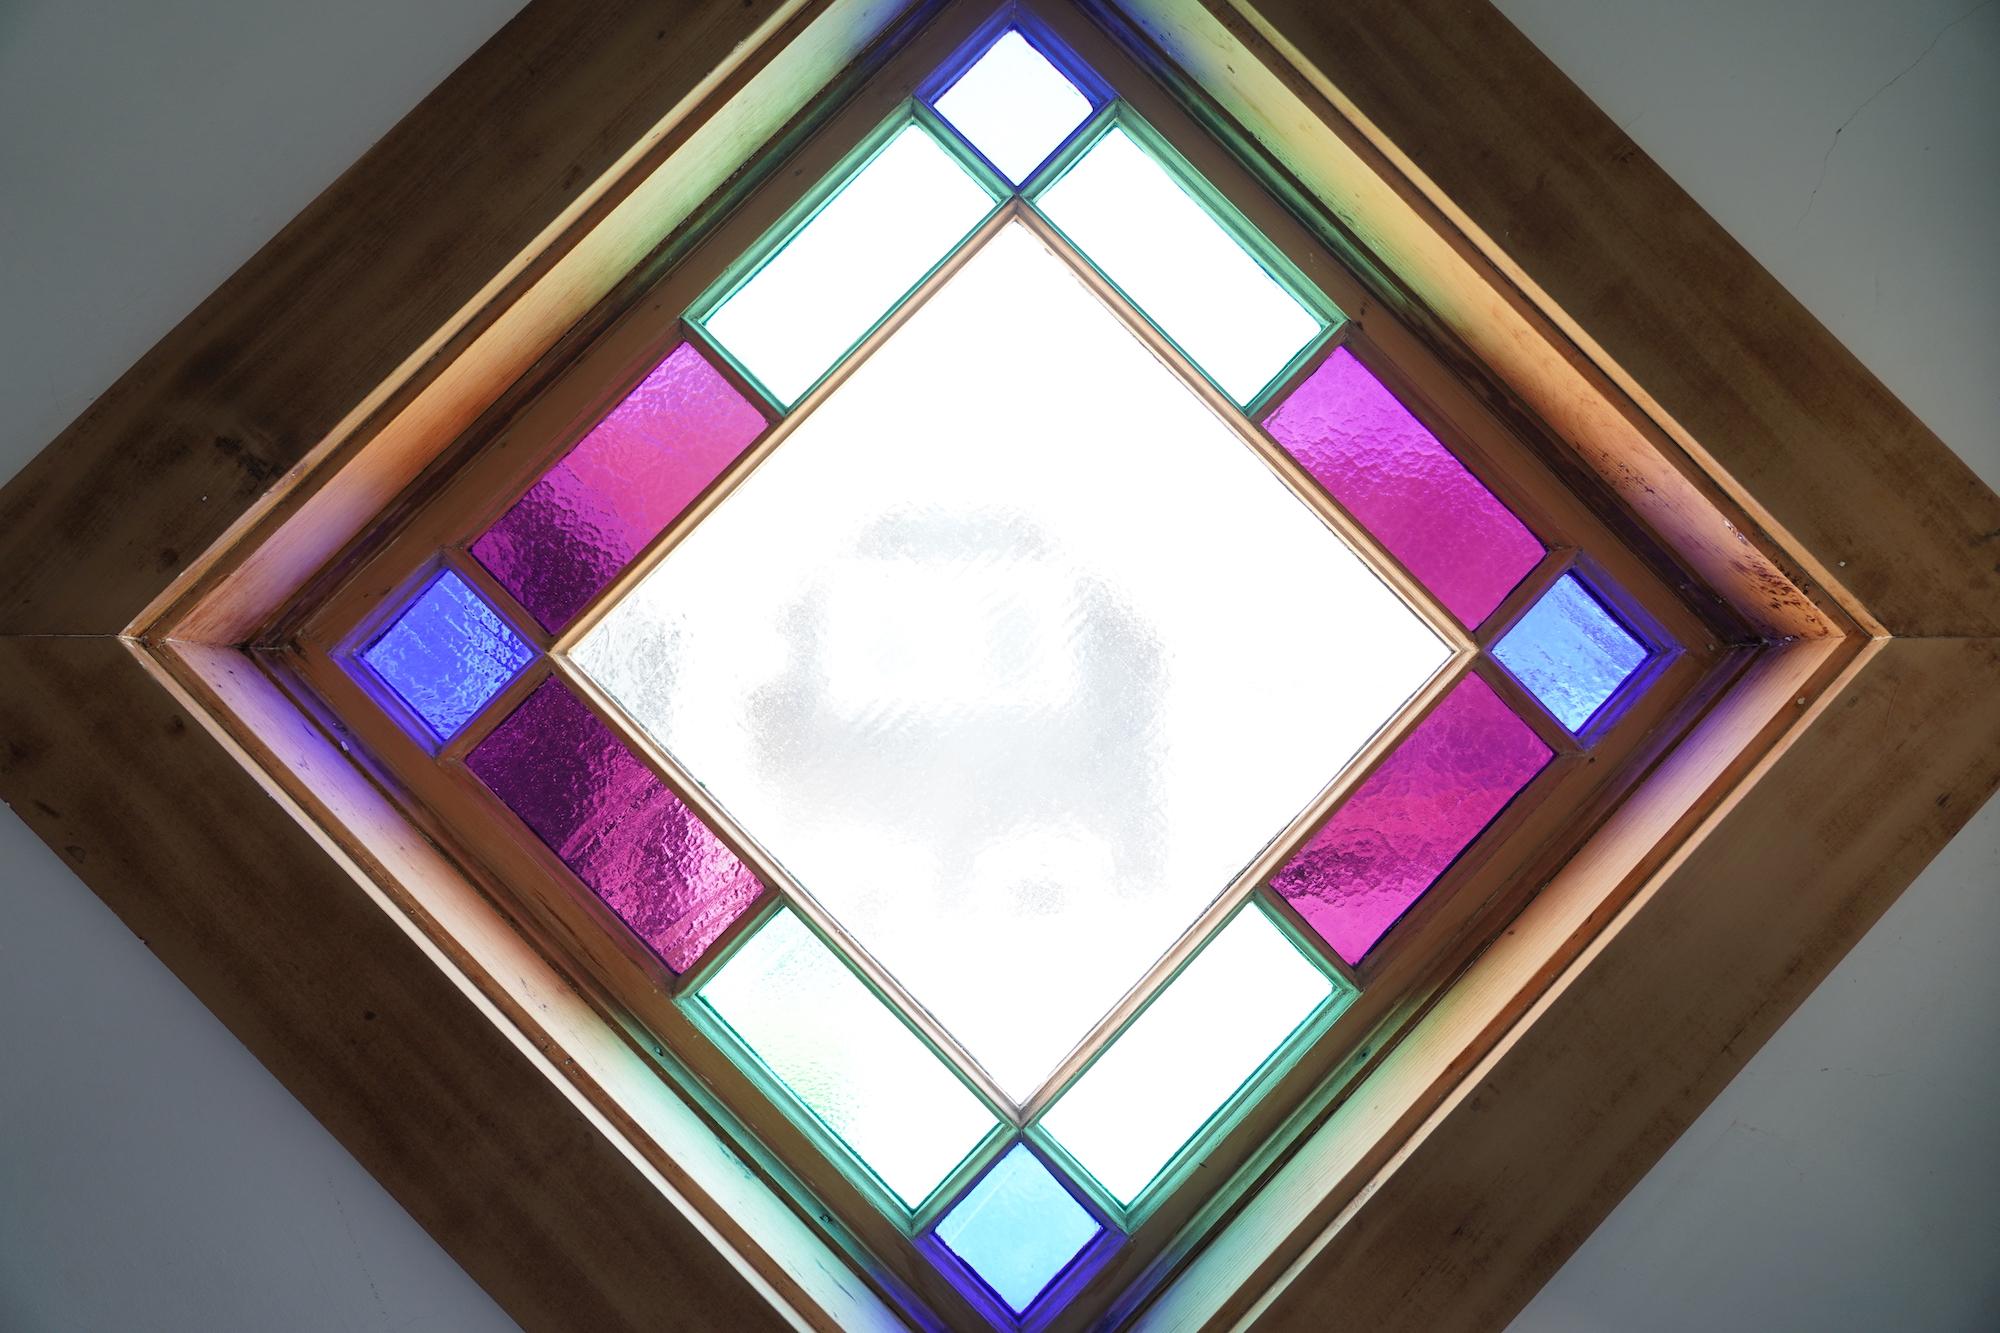 Window DSC00952